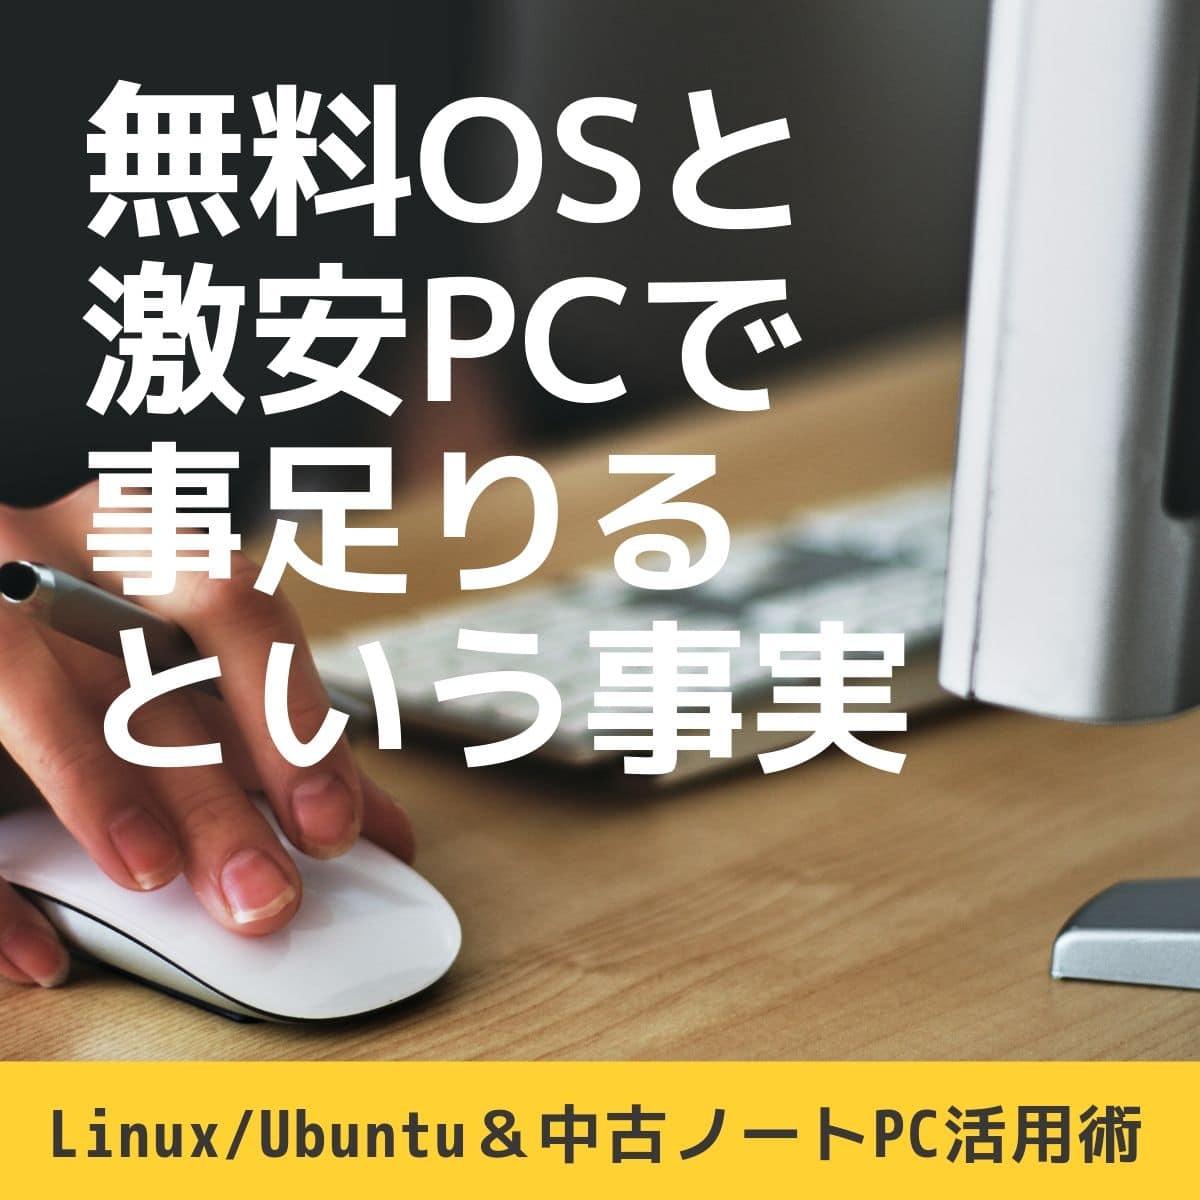 アイキャッチ:知るべき事実!通常利用なら Ubuntu と安価なノートPCで全て事足りる